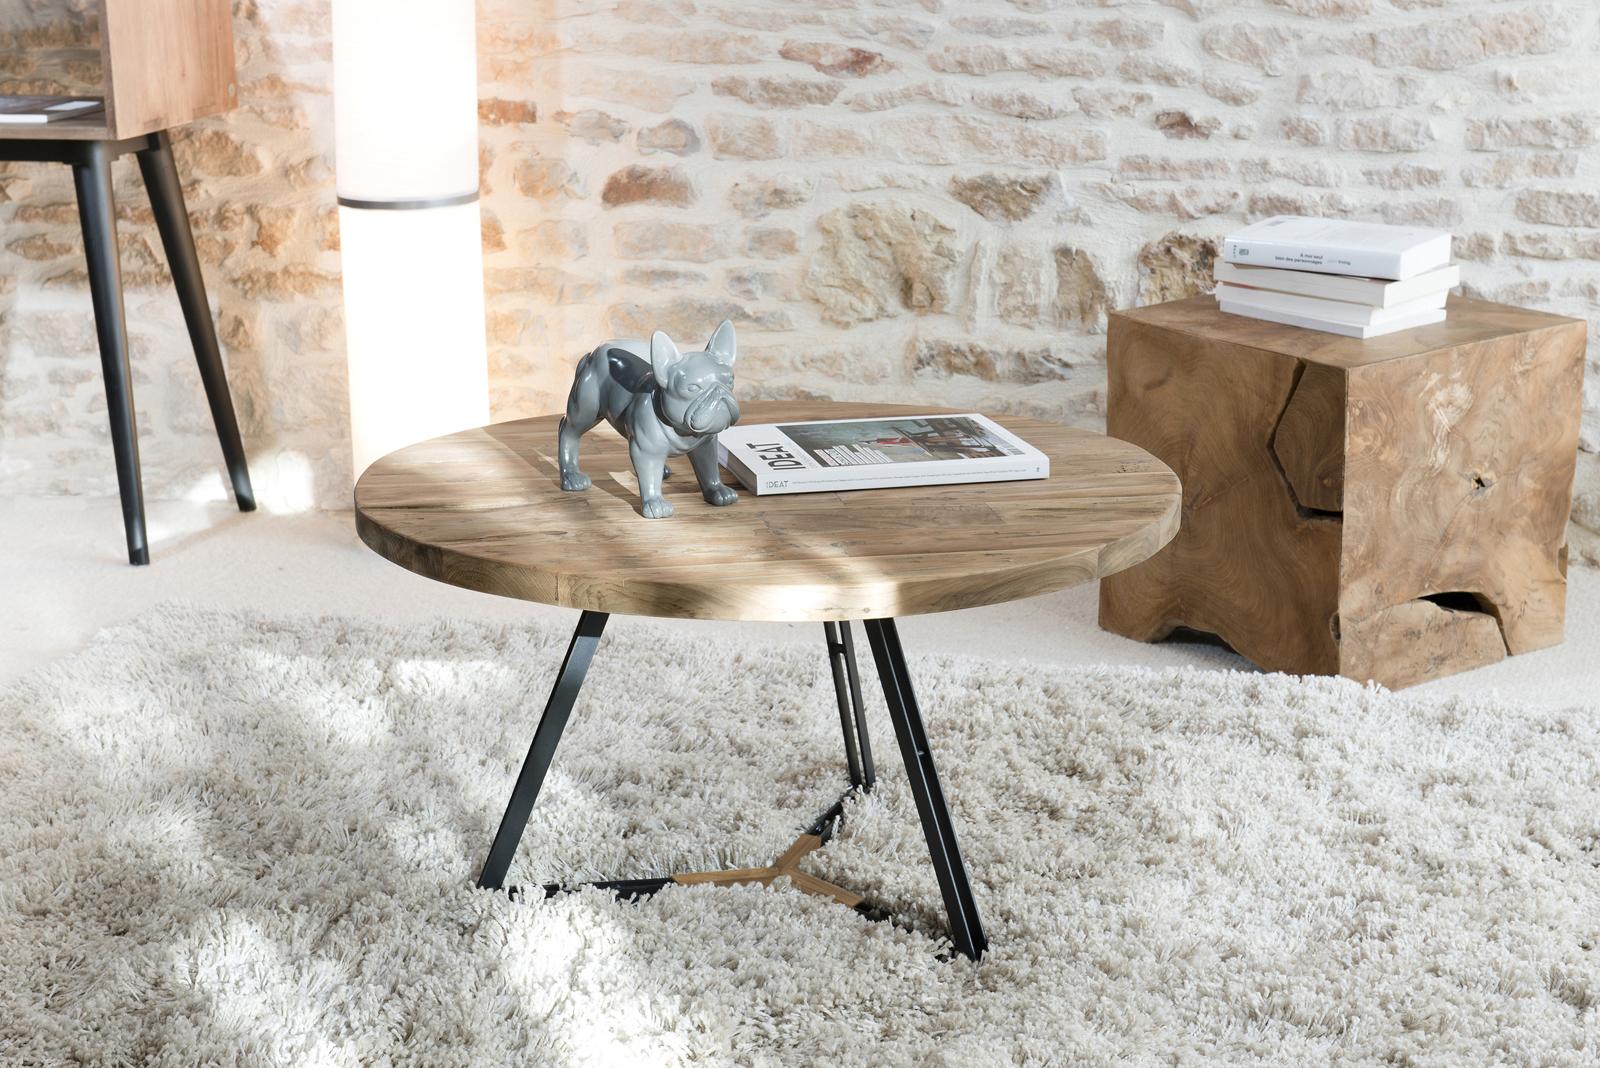 Table Basse Bois Pied Metal.Table Basse Ronde En Teck Recycle Et Pieds Metal Noir Et Bois D75xh41cm Swing